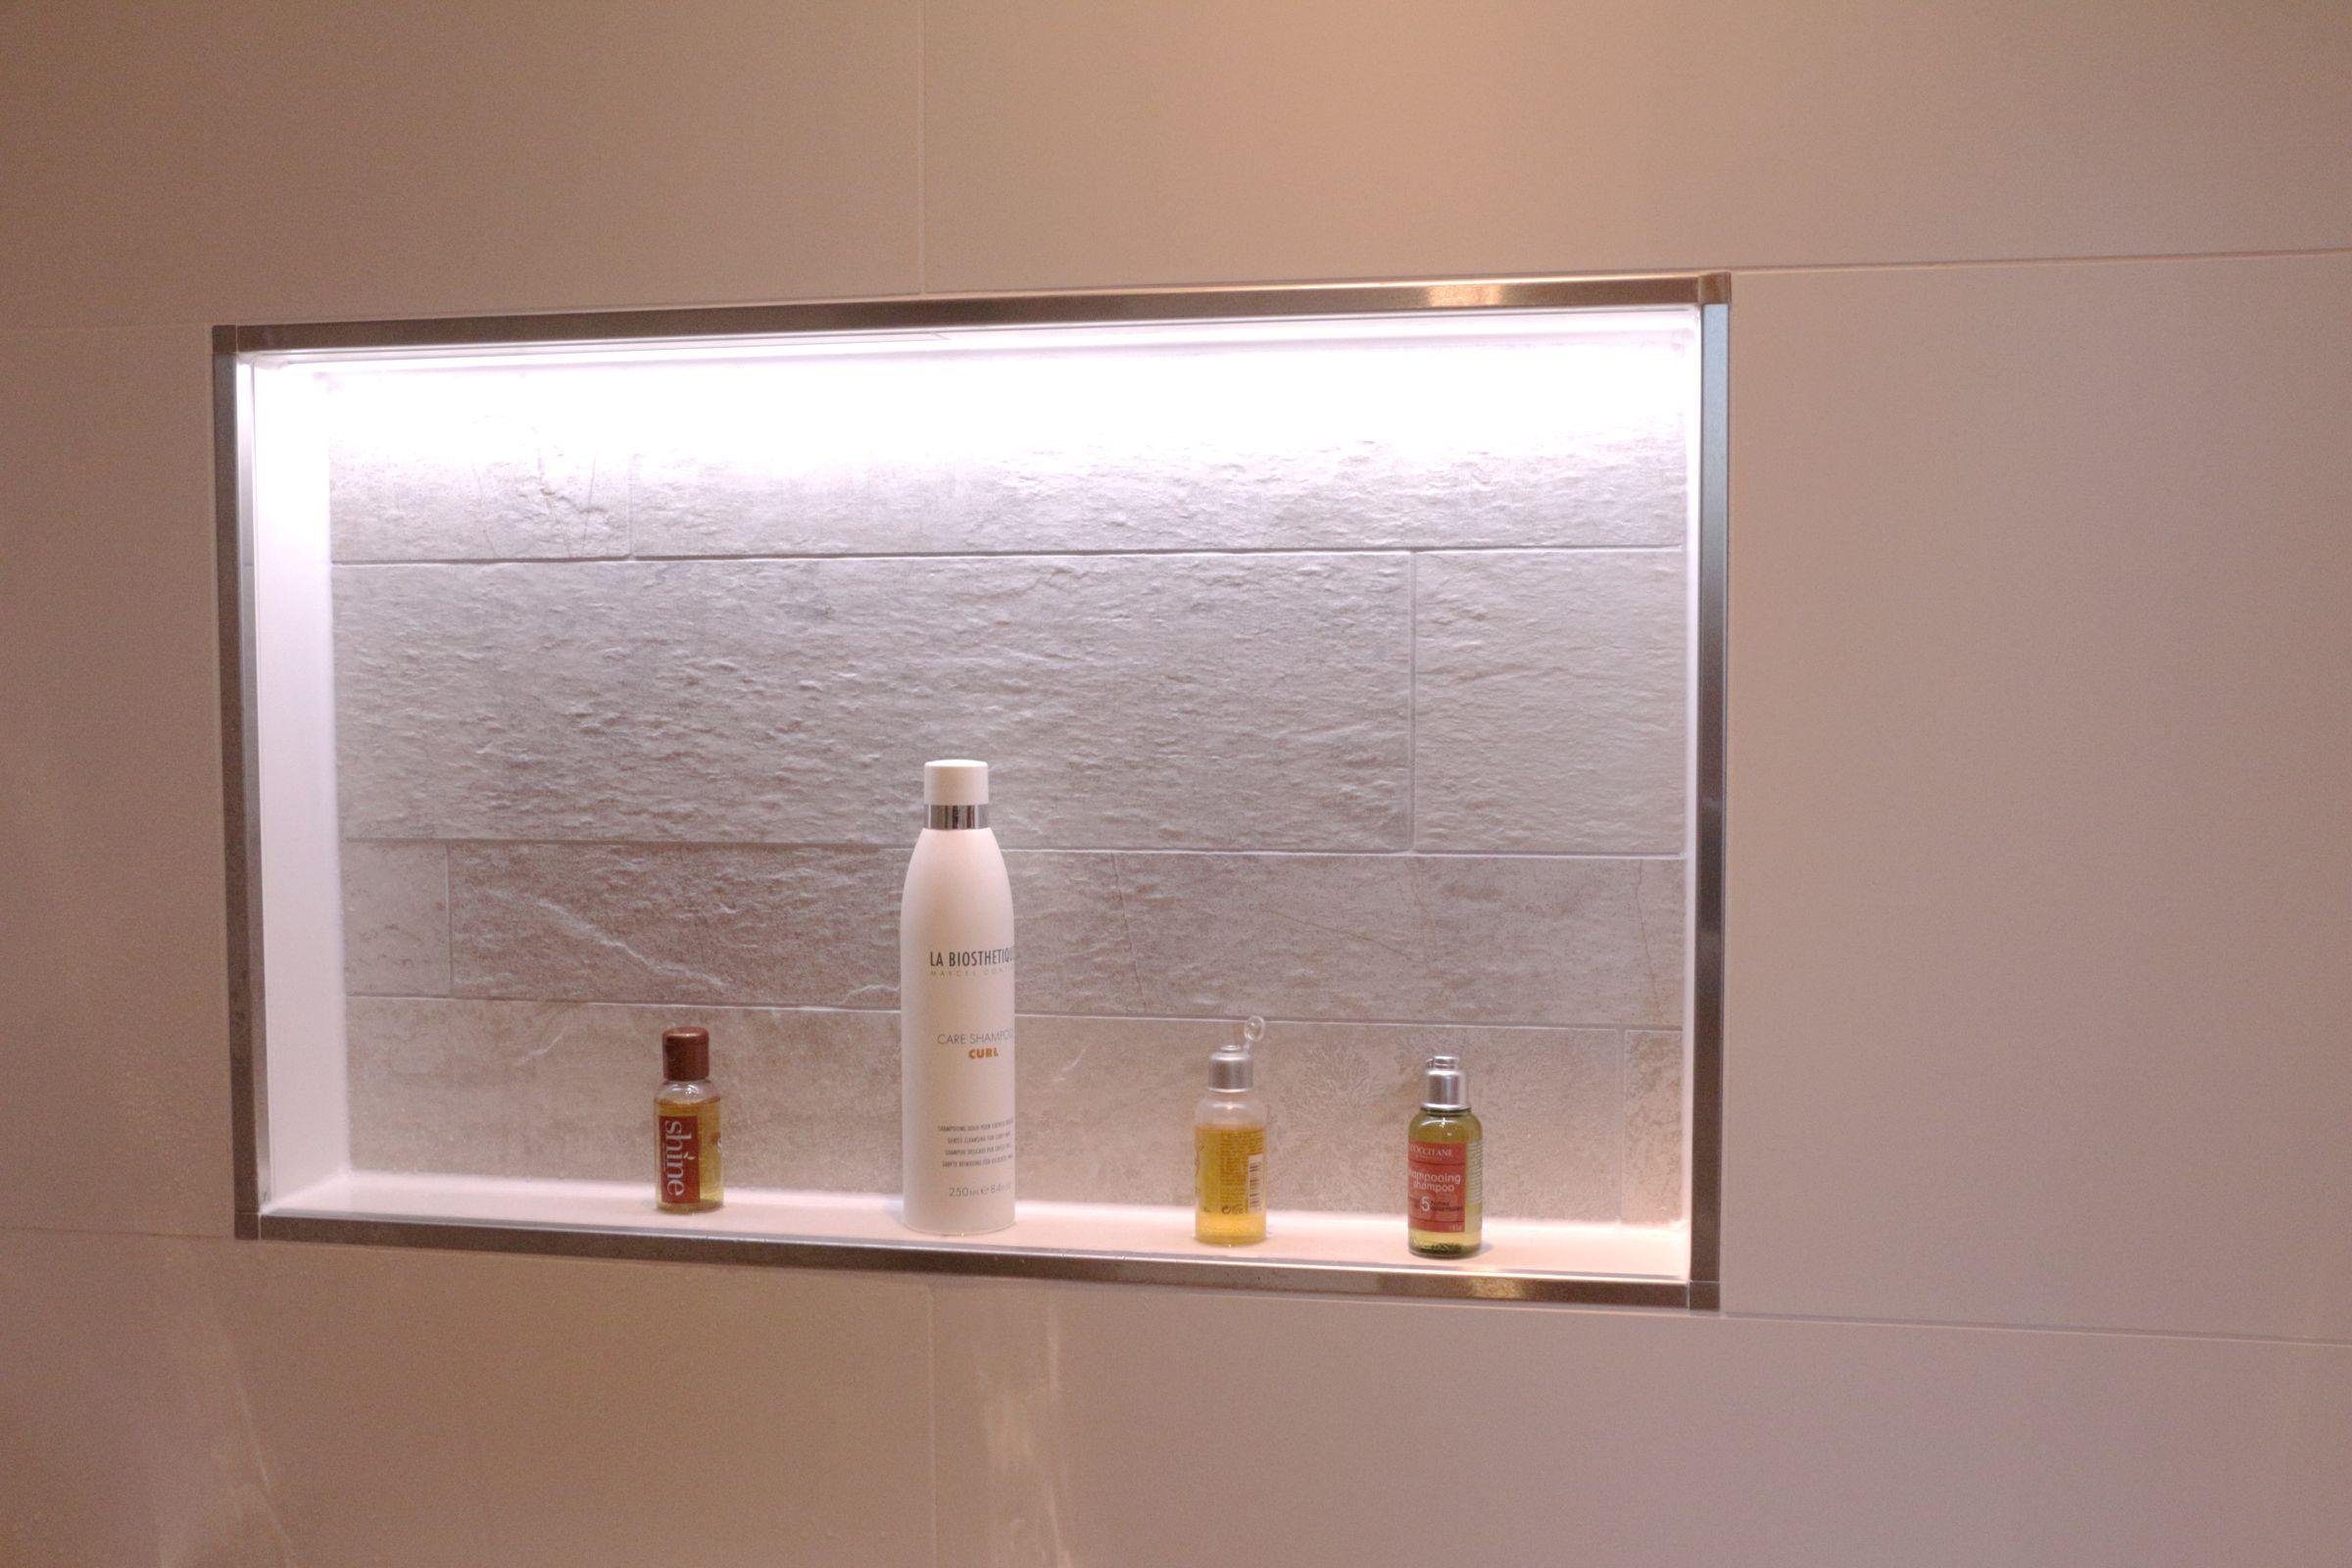 Stauraum Badezimmer ein wandnische in ihrem bad wäre nicht nur eine optische